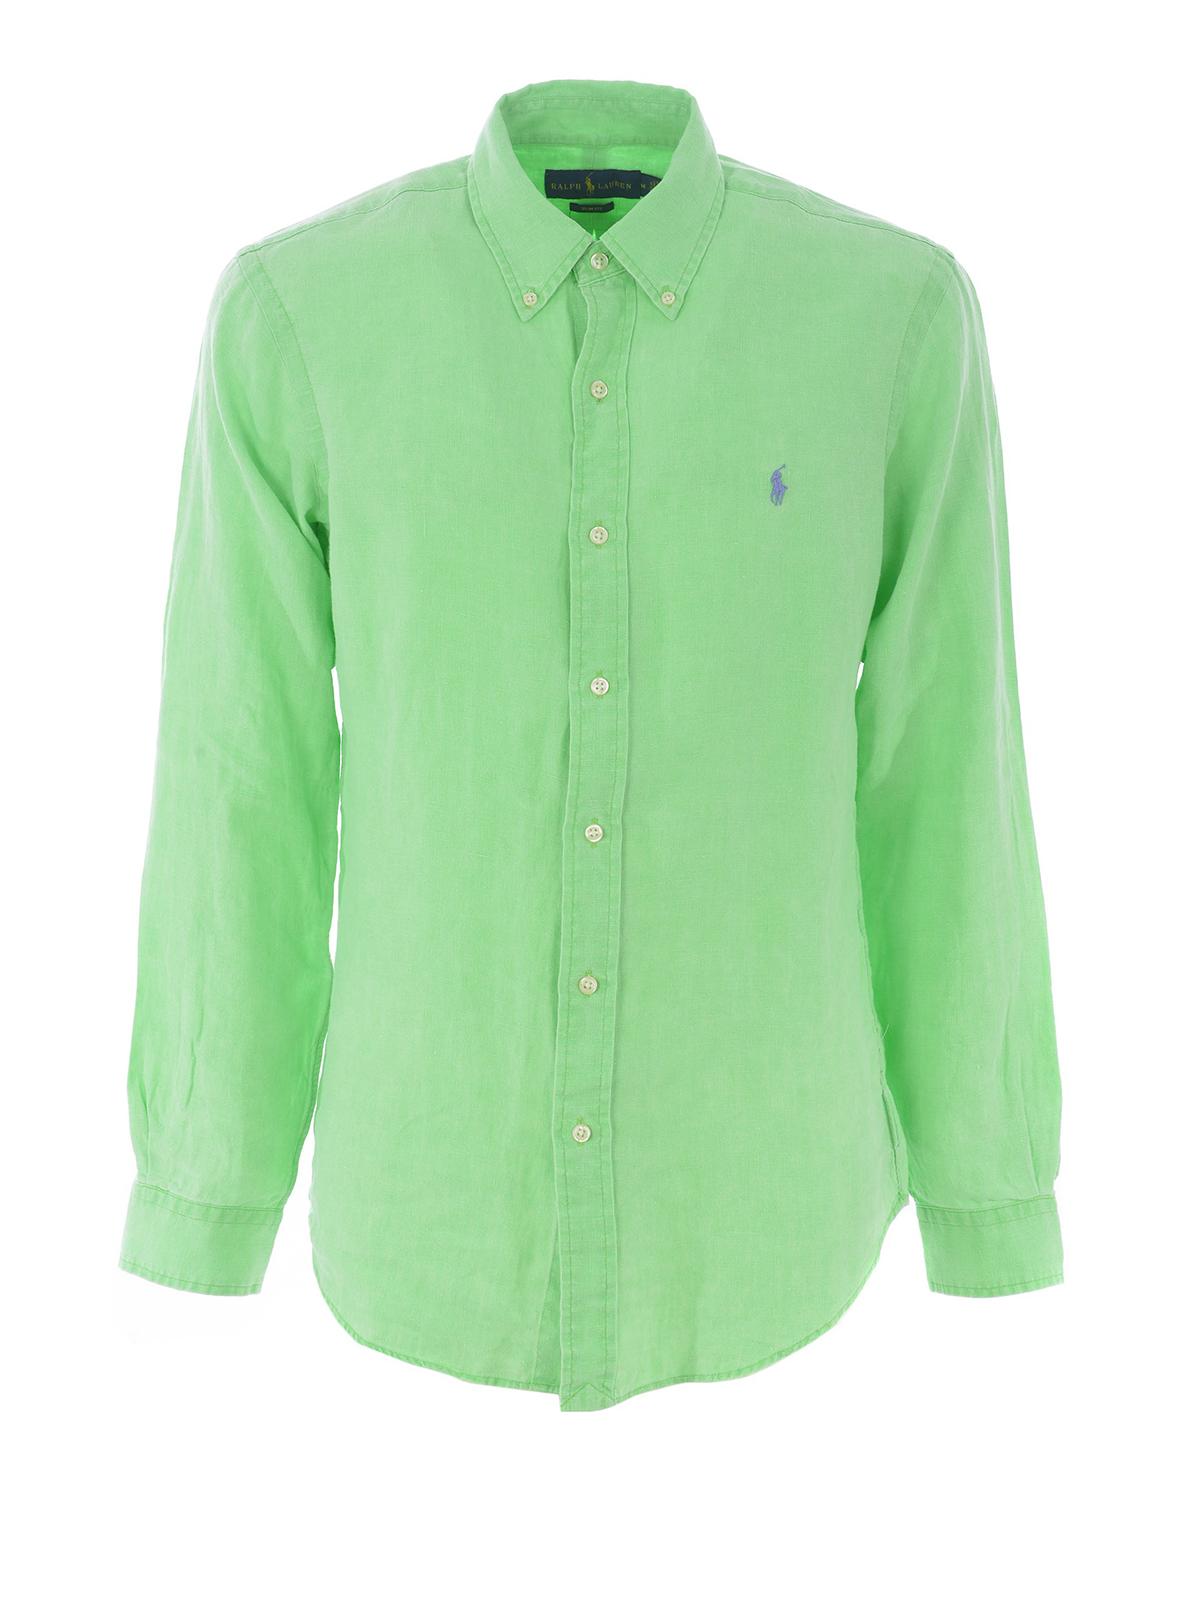 hot sales a7606 da699 Polo Ralph Lauren - Hemd - Slim Fit - Hemden - 744906007 ...